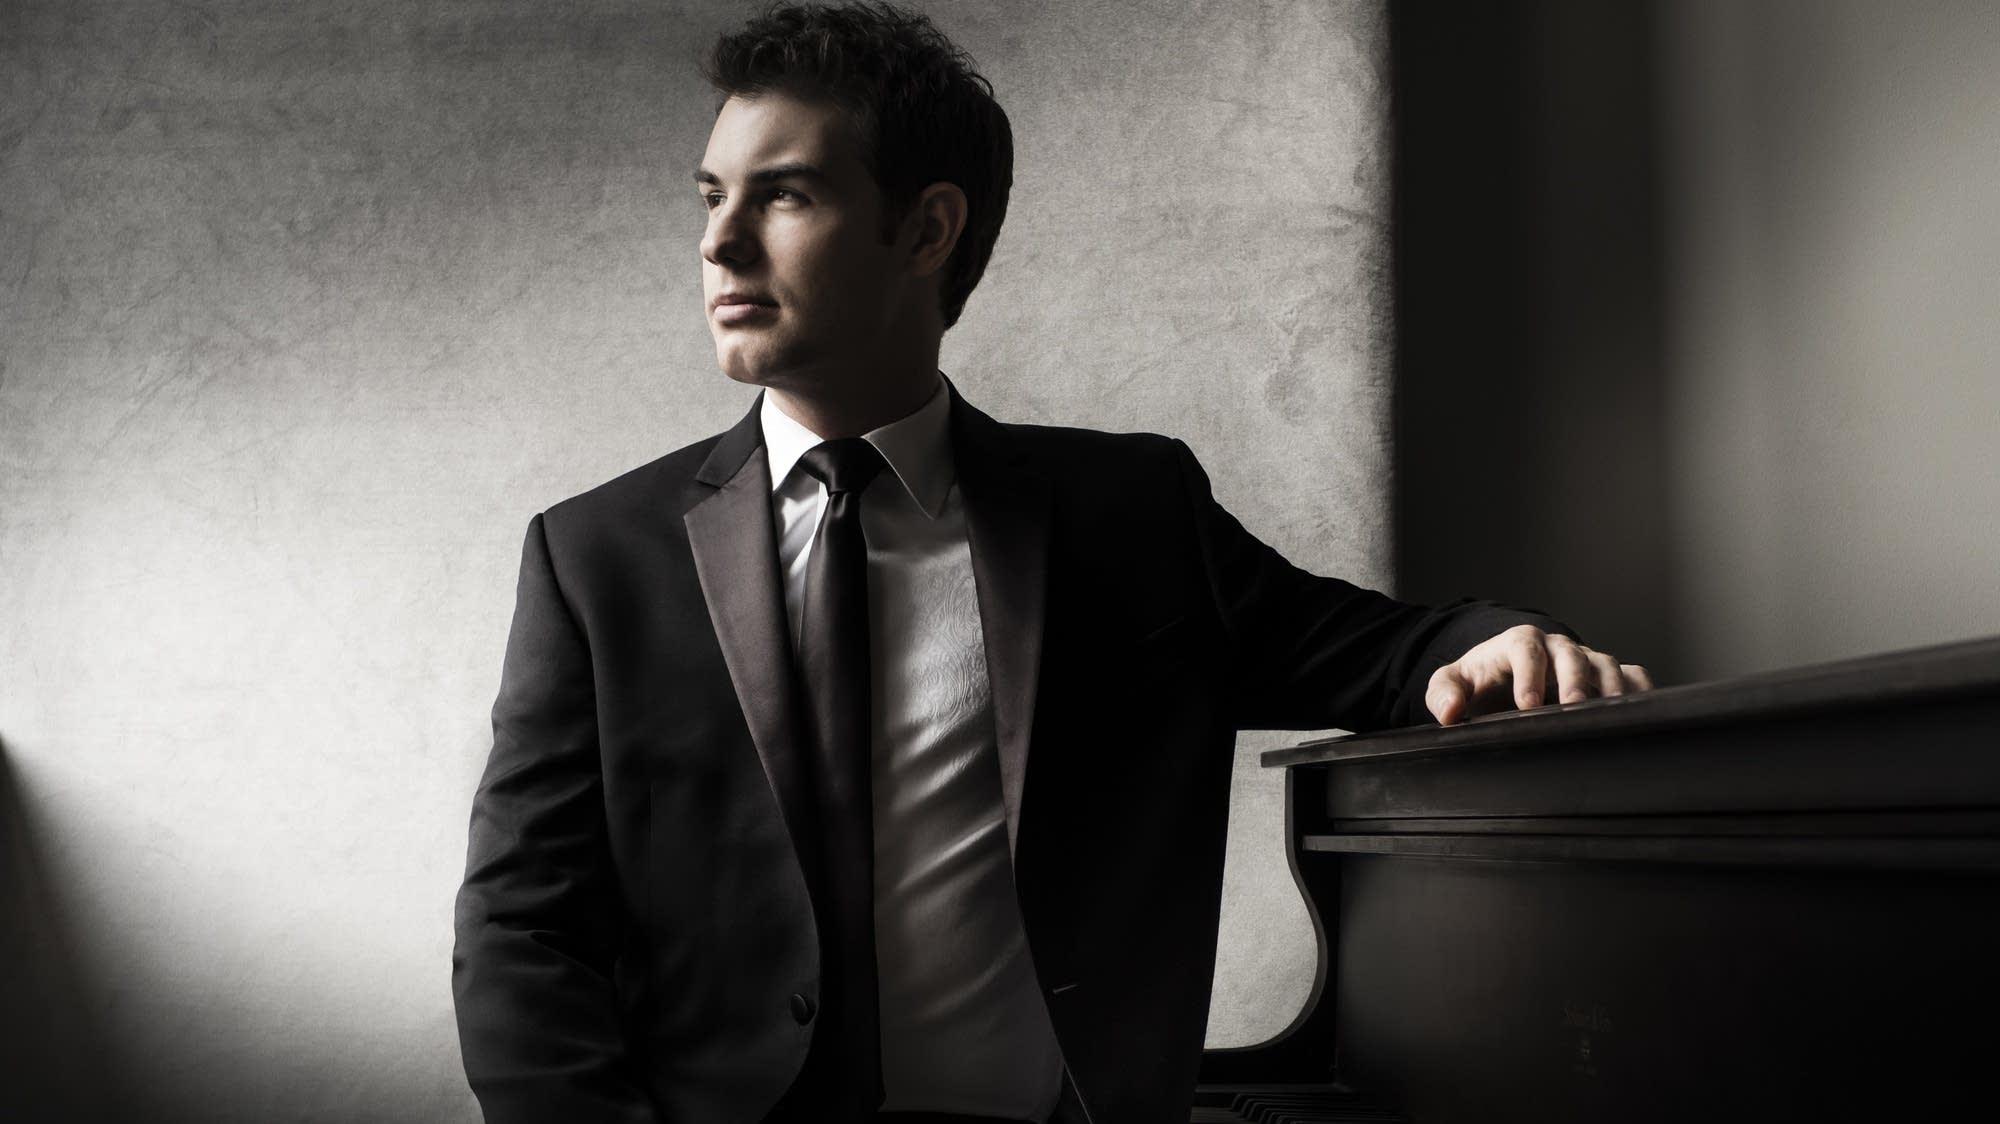 Man sitting at piano